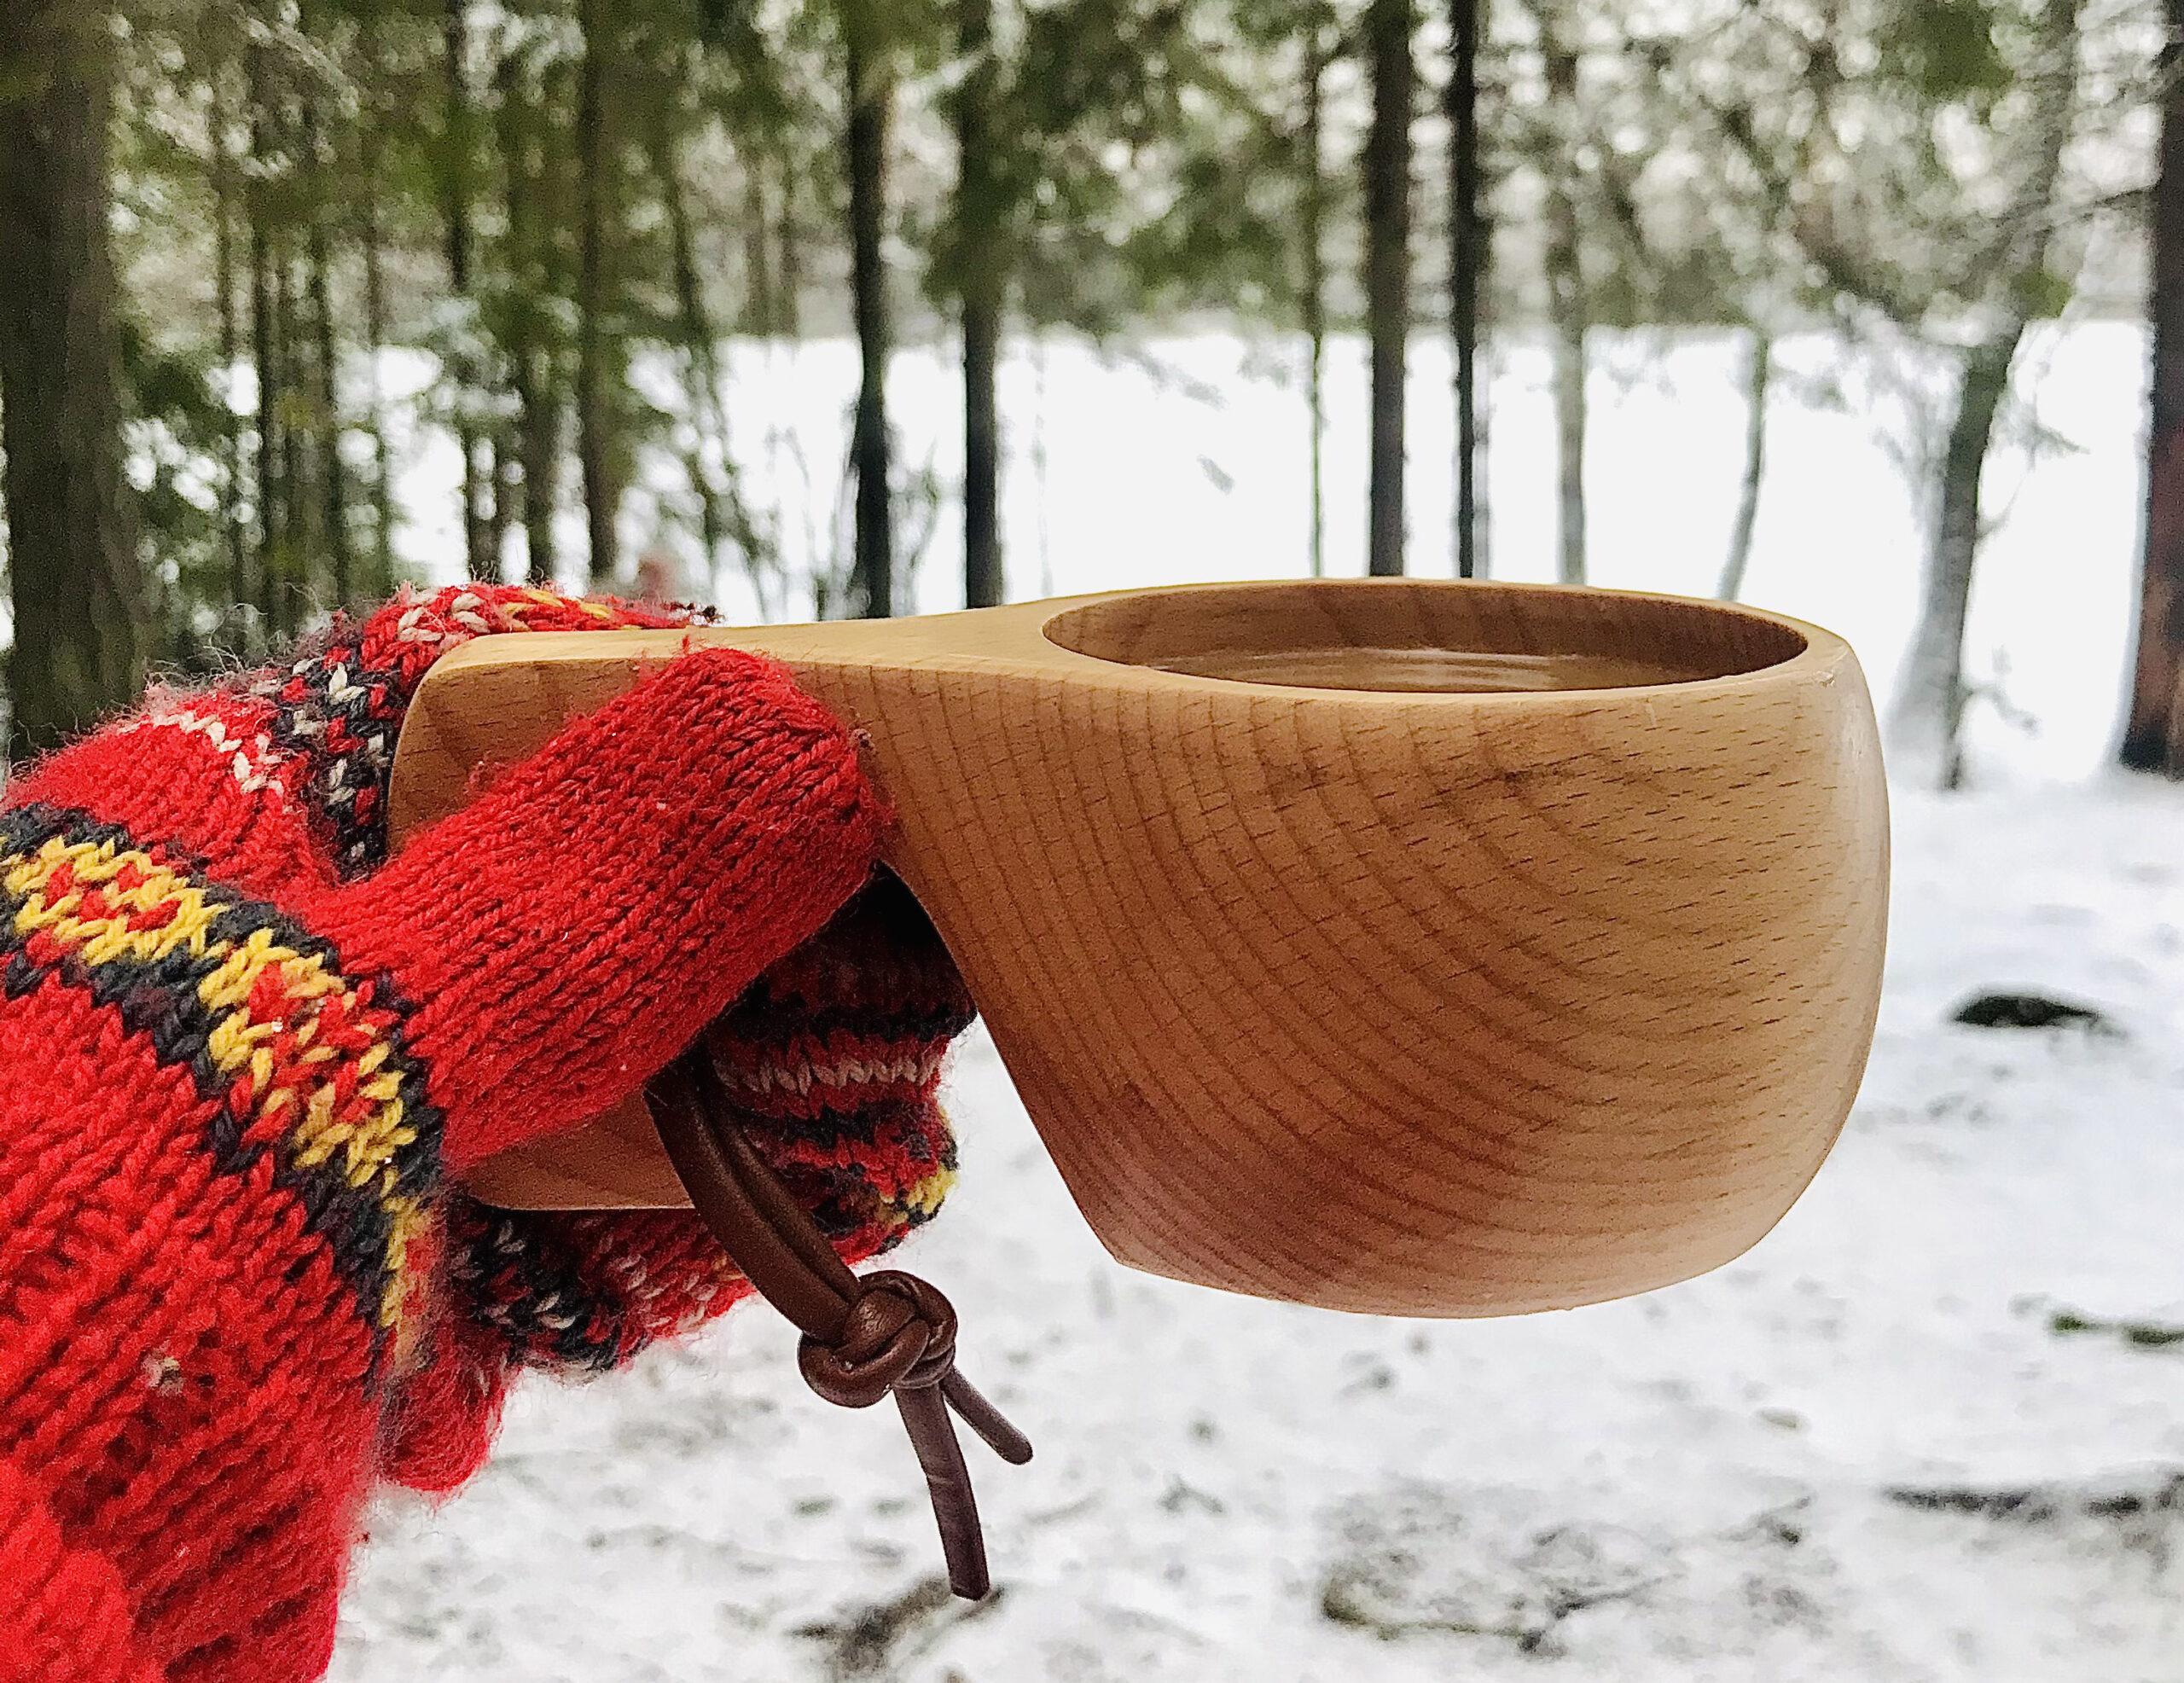 Nainen pitää kahvia täynnä olevaa kuksaa kädessään Ruutanajärven rannalla.